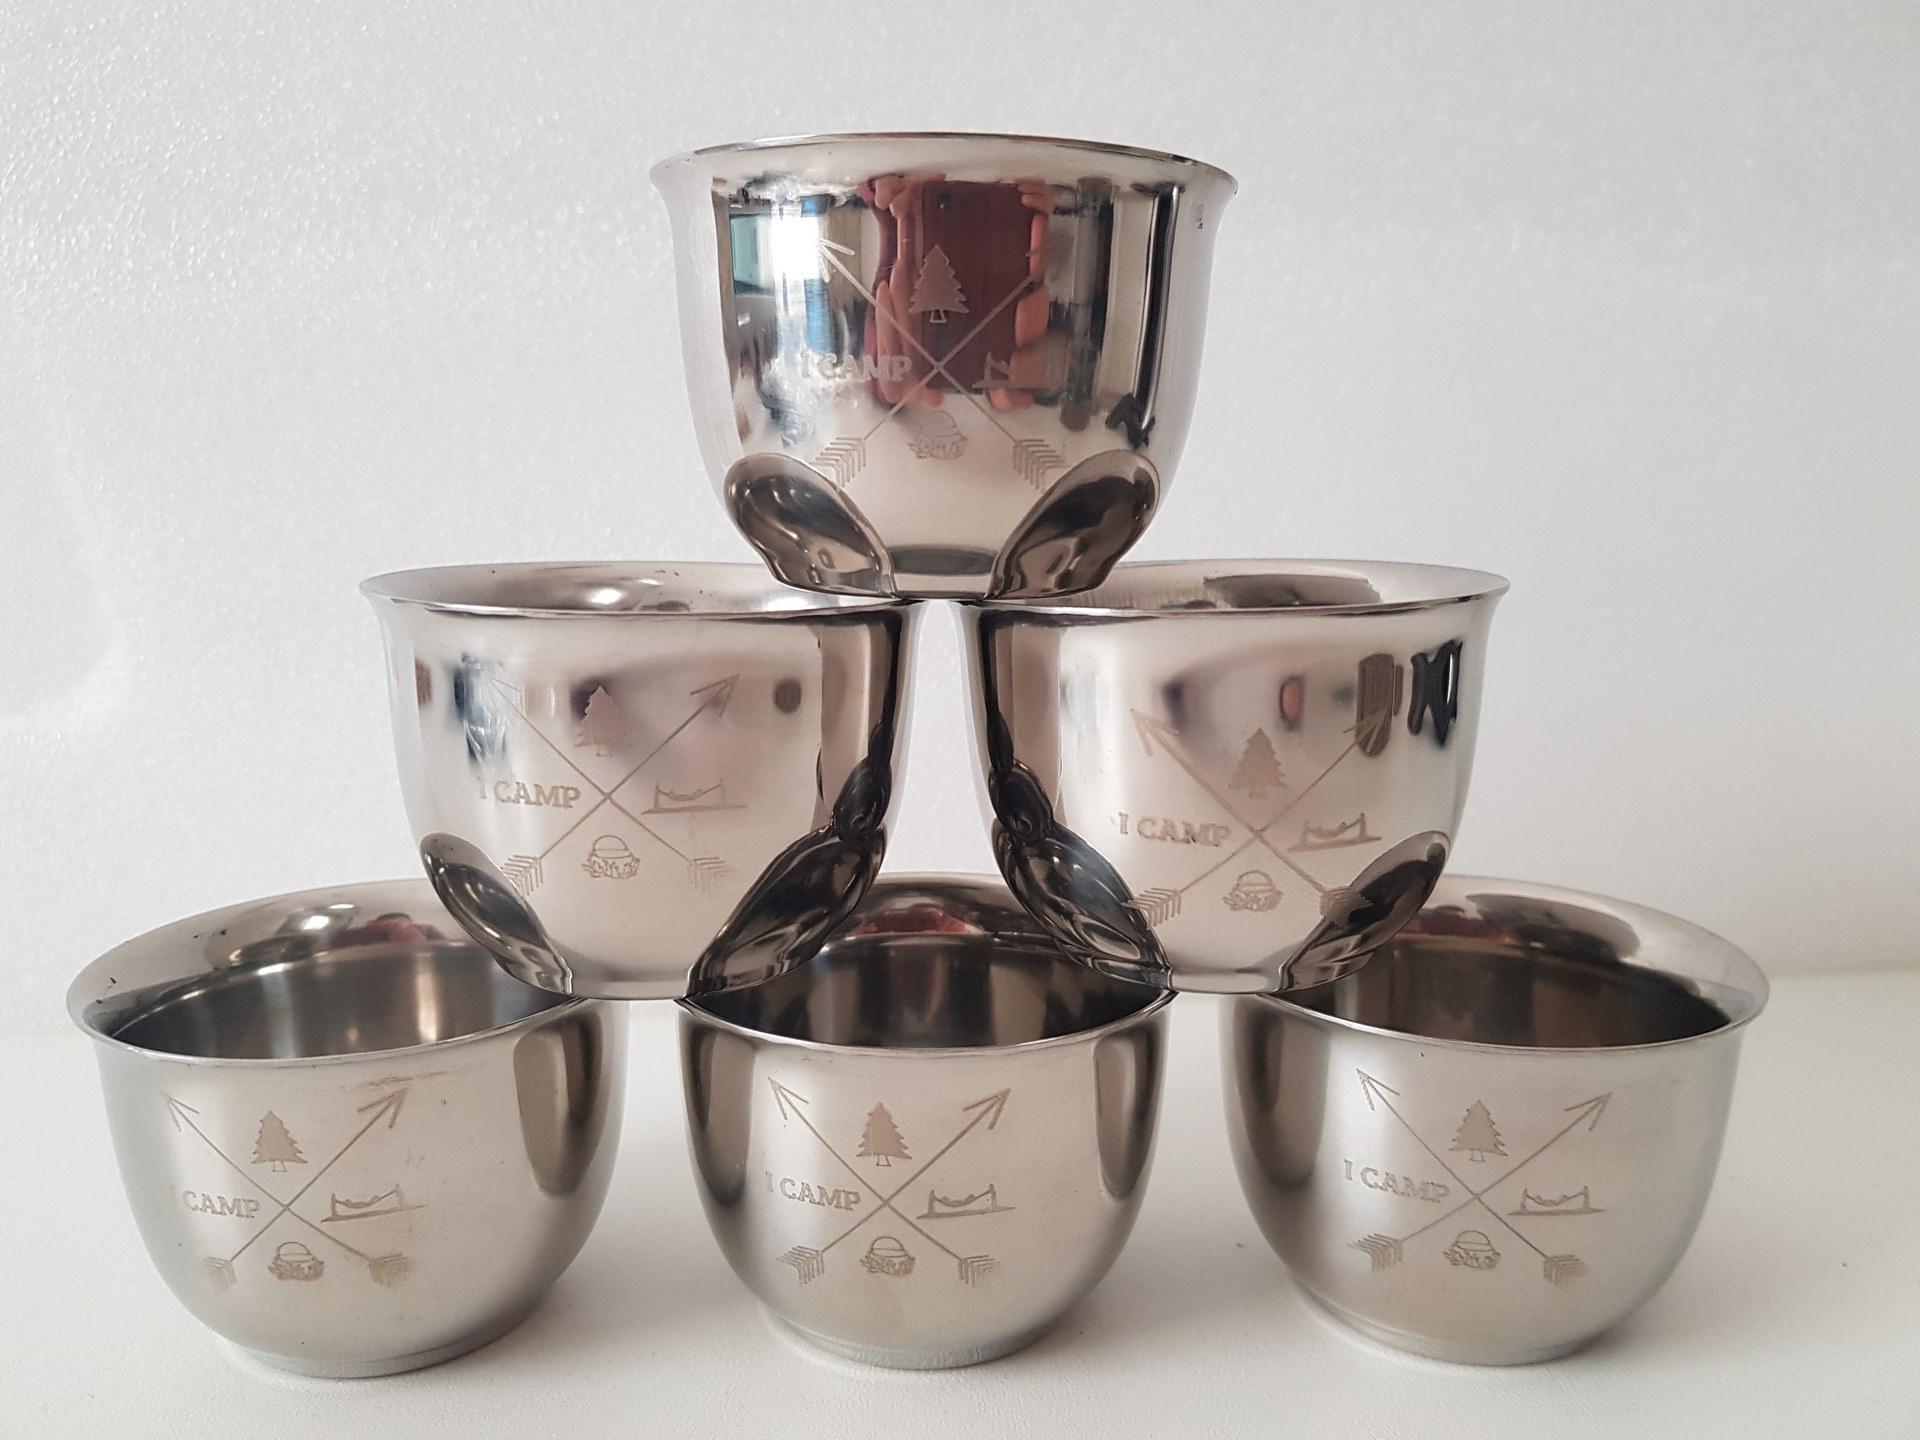 כוסות נירוסטה - דופן כפולה - 5 יחידות